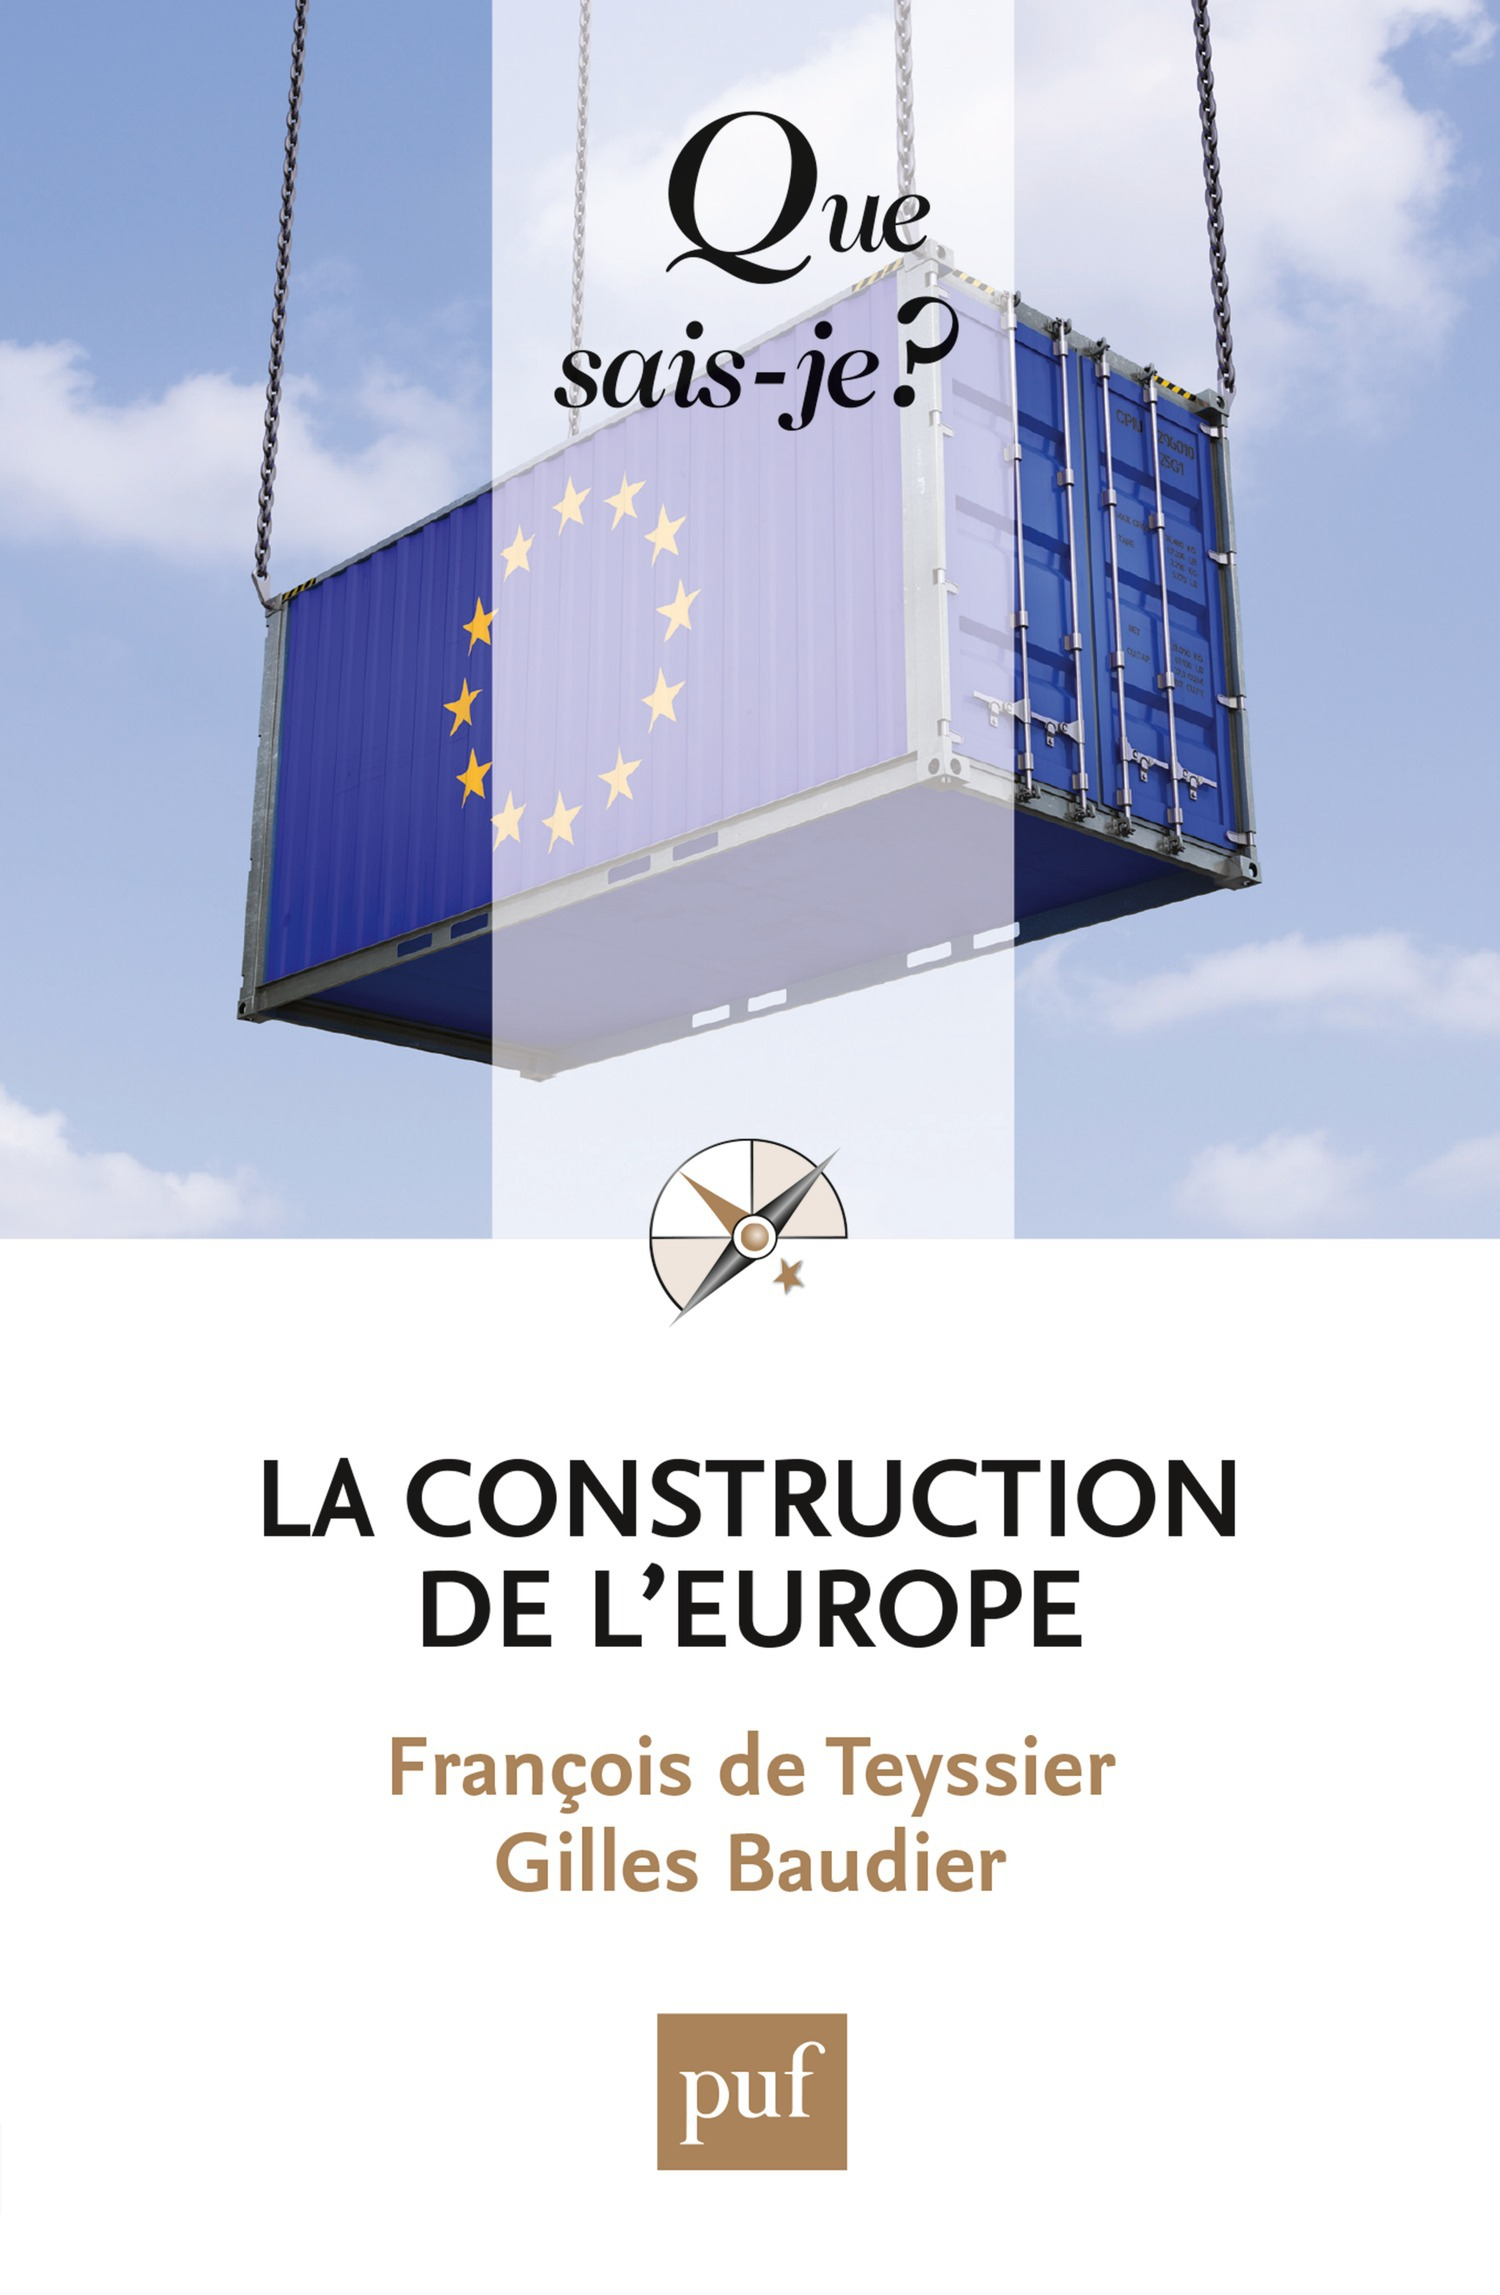 La construction de l'Europe (6e édition)